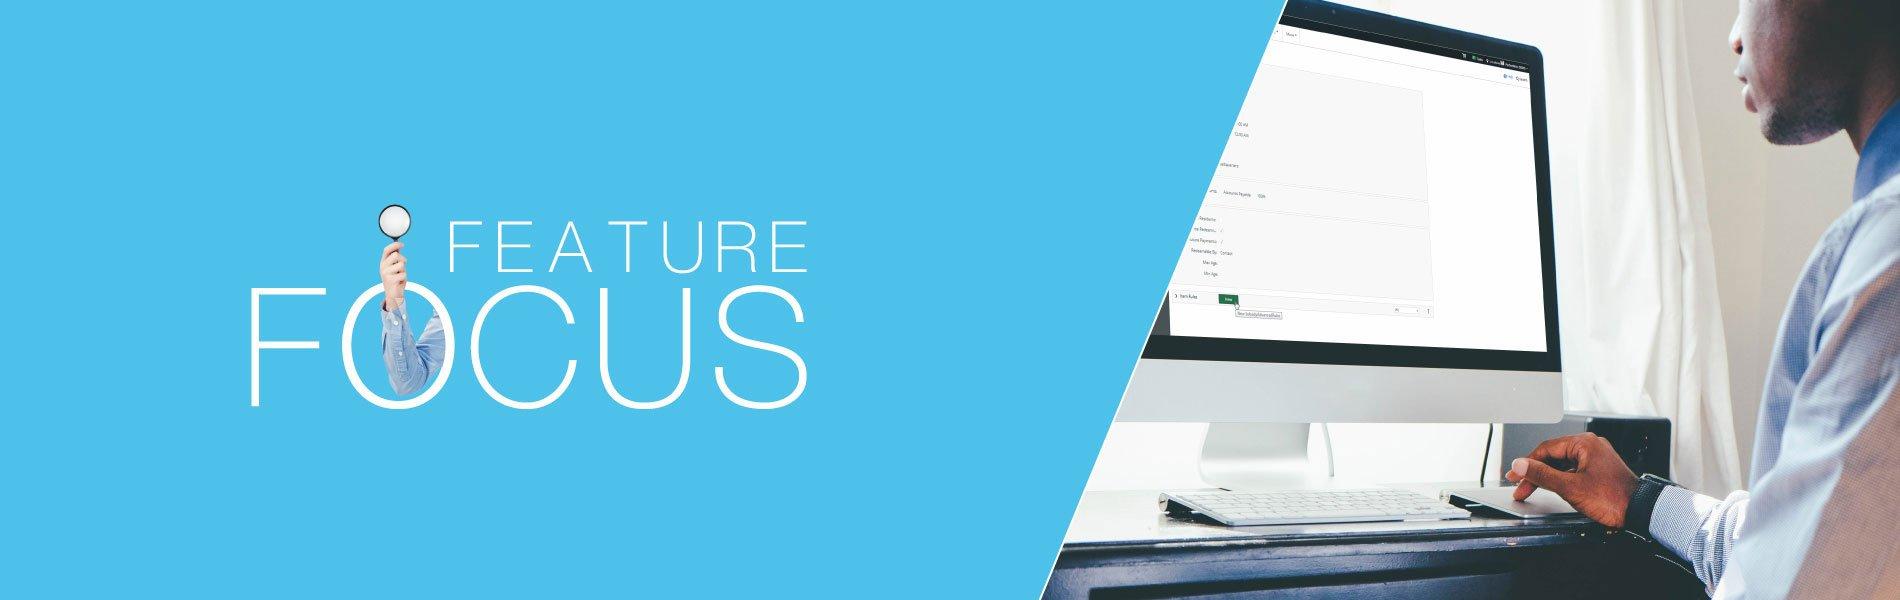 Feature_Focus_Subsidies_Blog.jpg